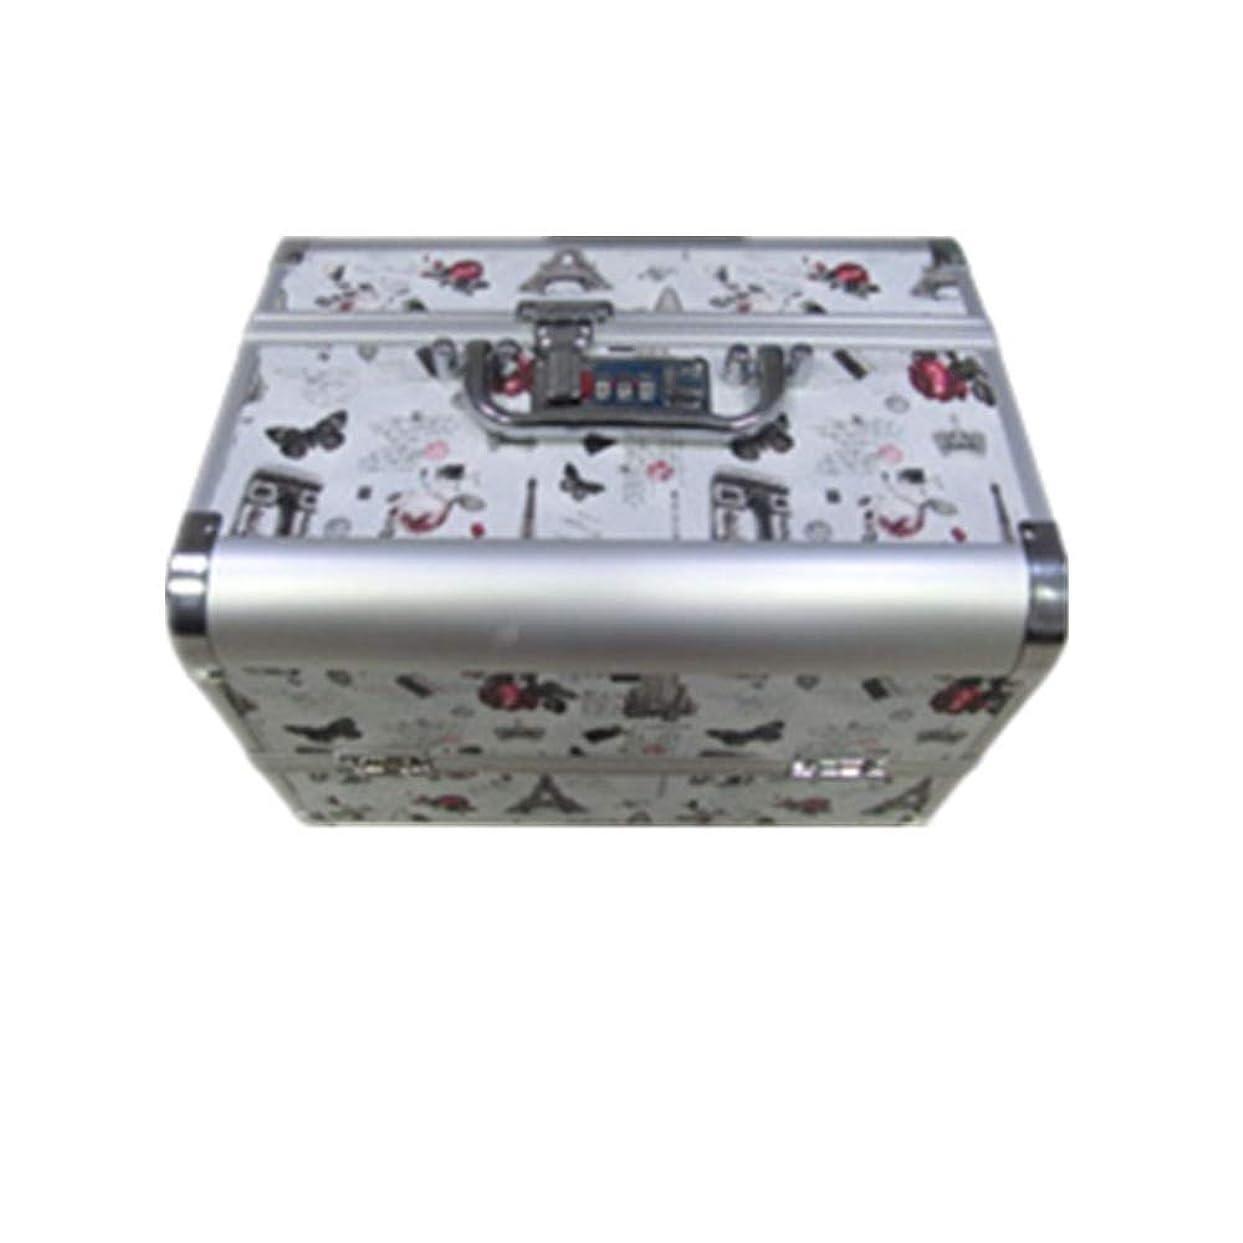 シェーバー関与する生じる化粧オーガナイザーバッグ 大容量ポータブル化粧ケース(トラベルアクセサリー用)シャンプーボディウォッシュパーソナルアイテム収納トレイ(エクステンショントレイ付) 化粧品ケース